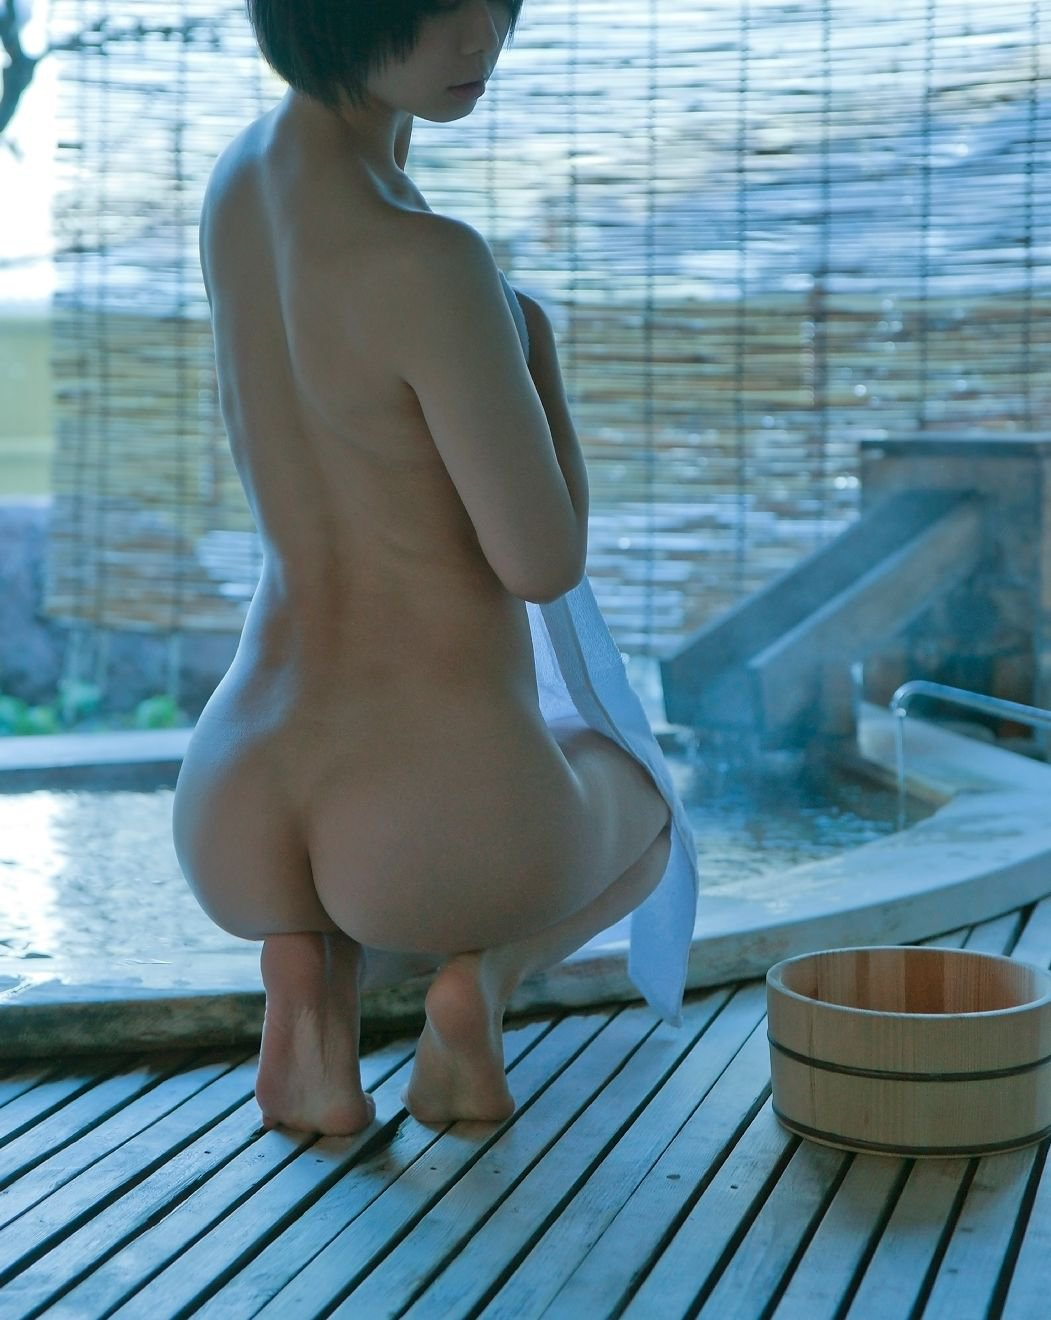 【美尻エロ画像】個人的に「うしじまいい肉」よか「うしじまえぇケツ」のがいいと思うw馬鹿エロぃ尻メインの画像を厳選すたよ♪